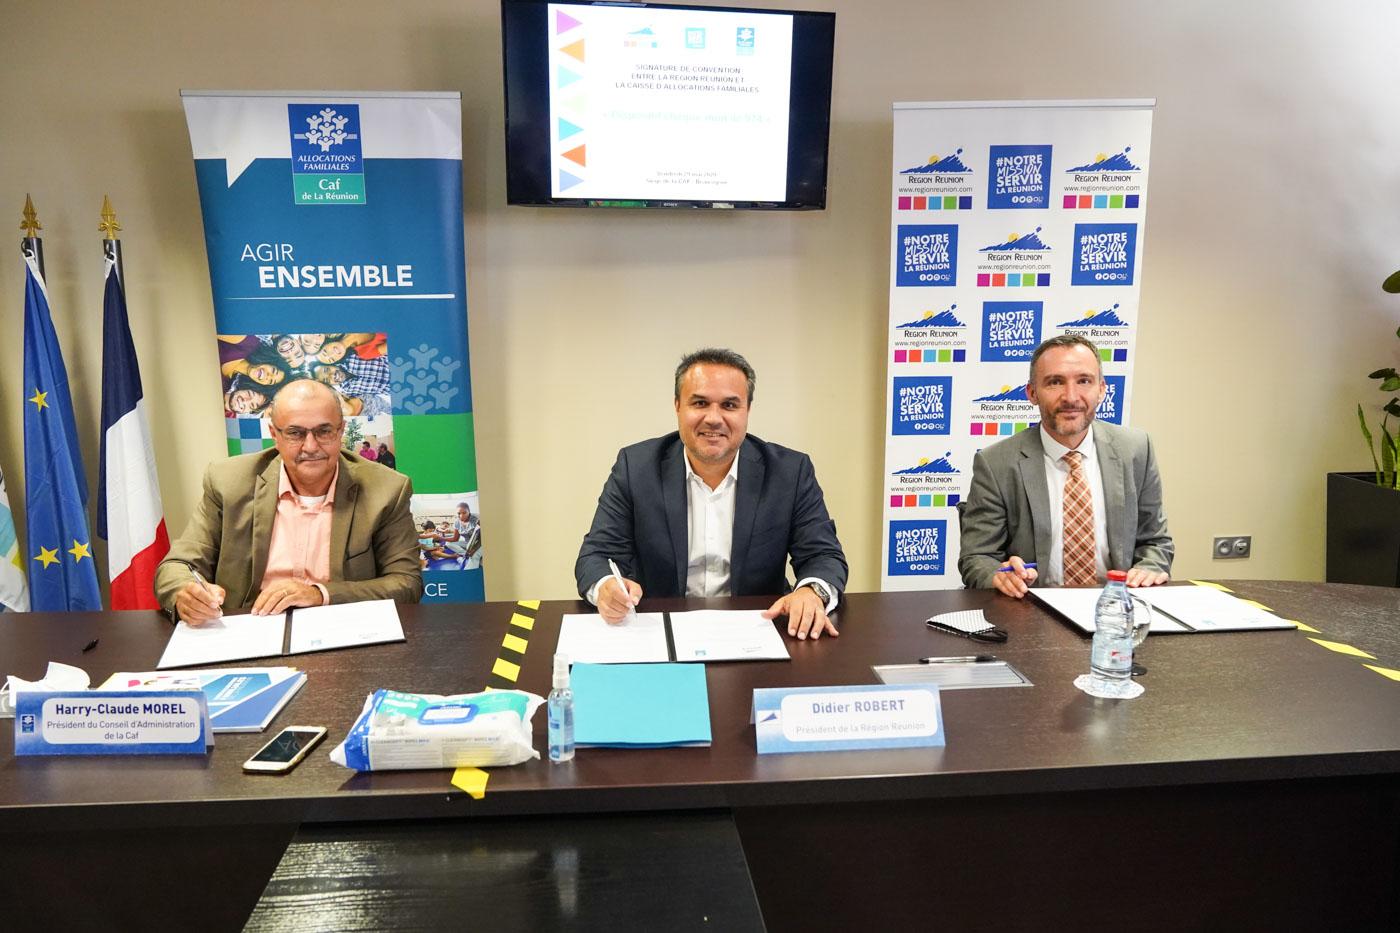 Partenariat Région-CAF Pour la mise en oeuvre du Chèque Tourisme « Mon Île 974 »